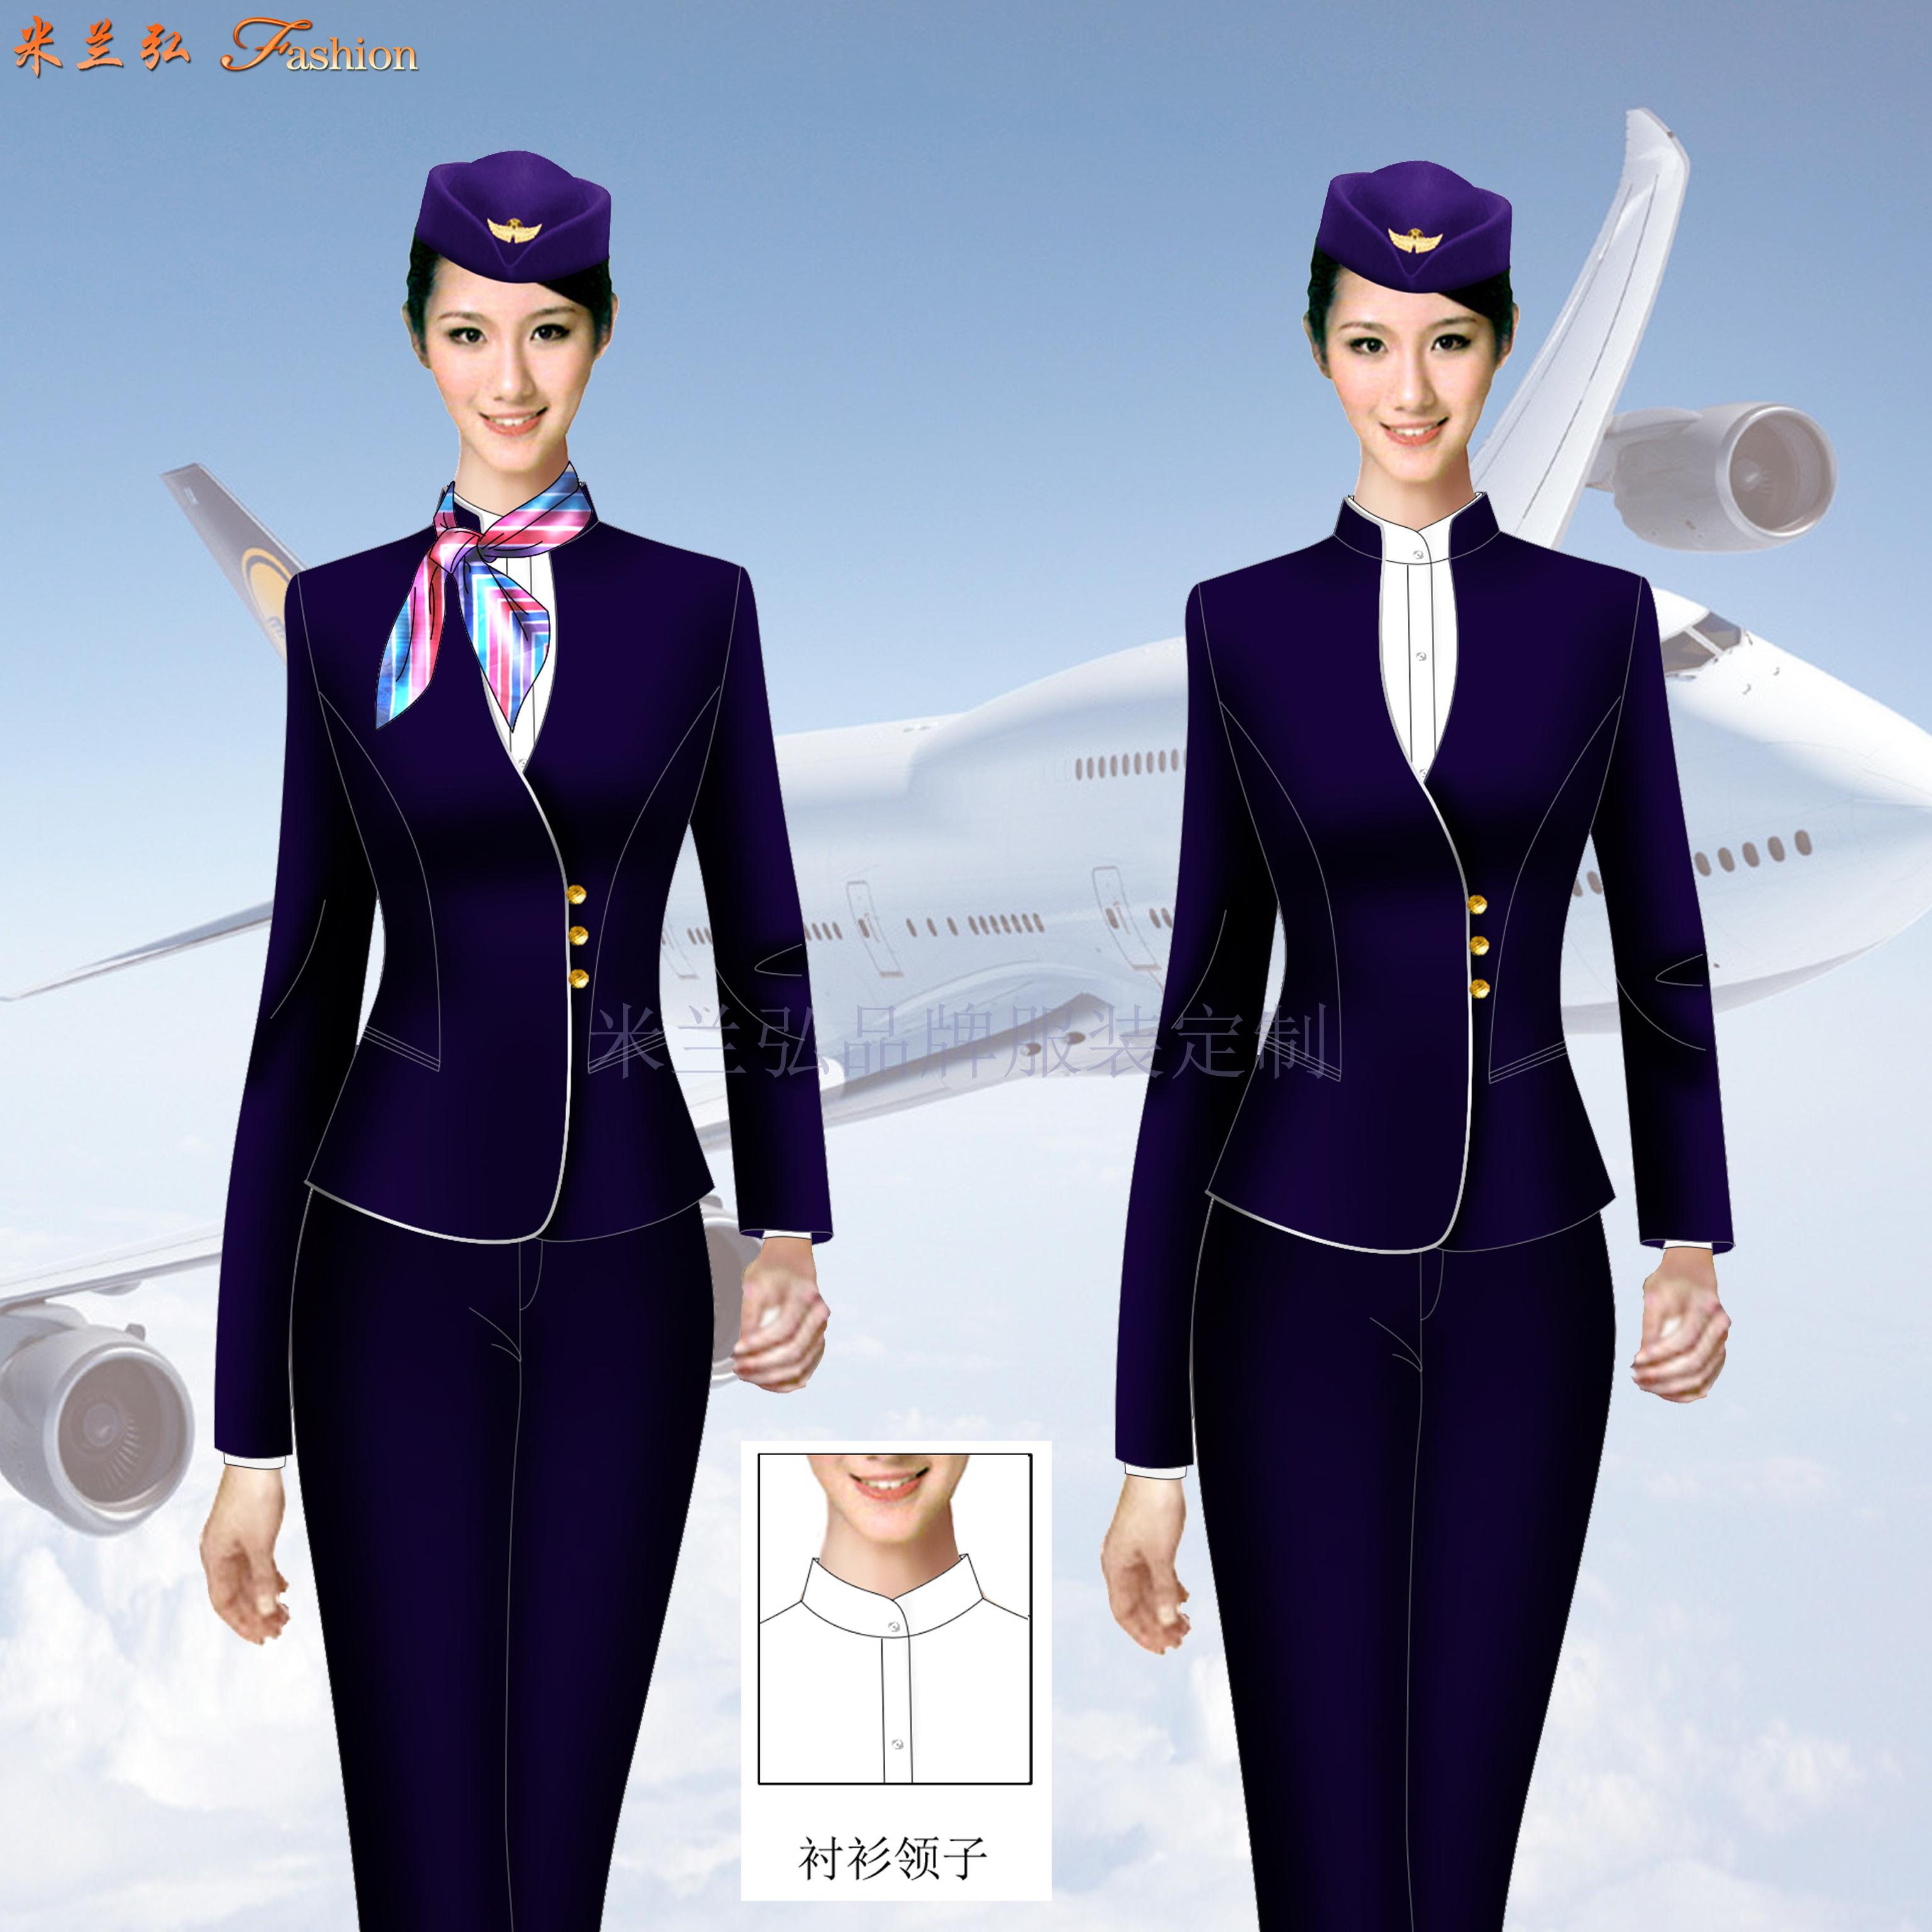 「北京地鐵新工服」北京地鐵工作服-米蘭弘服裝廠家-2